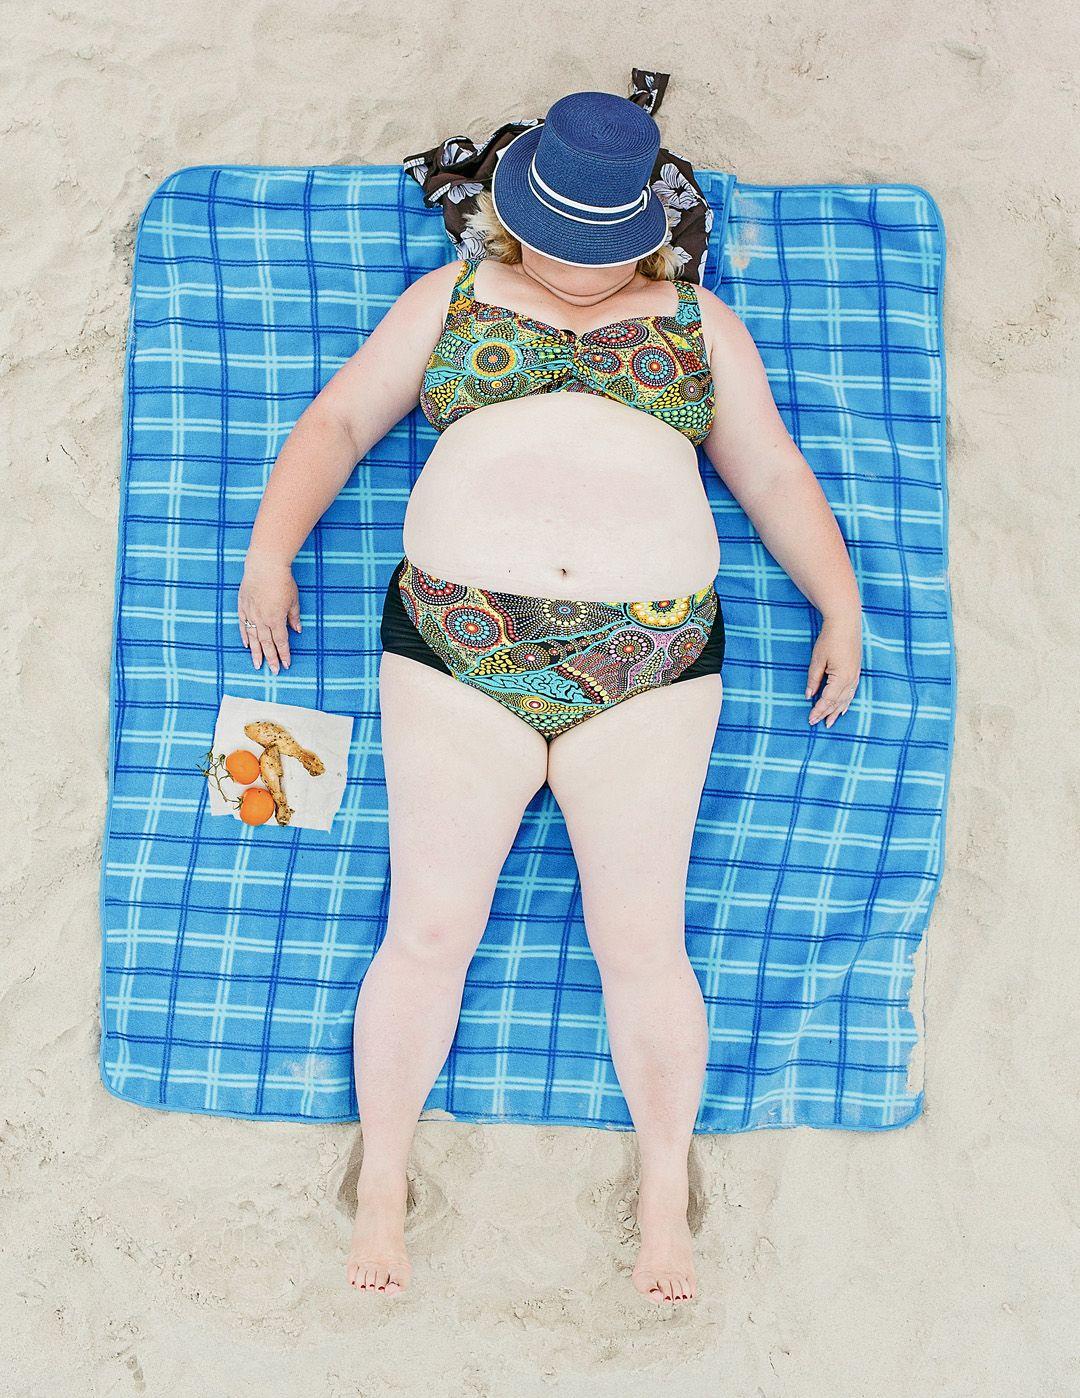 Девушка 58-ми лет в купальнике